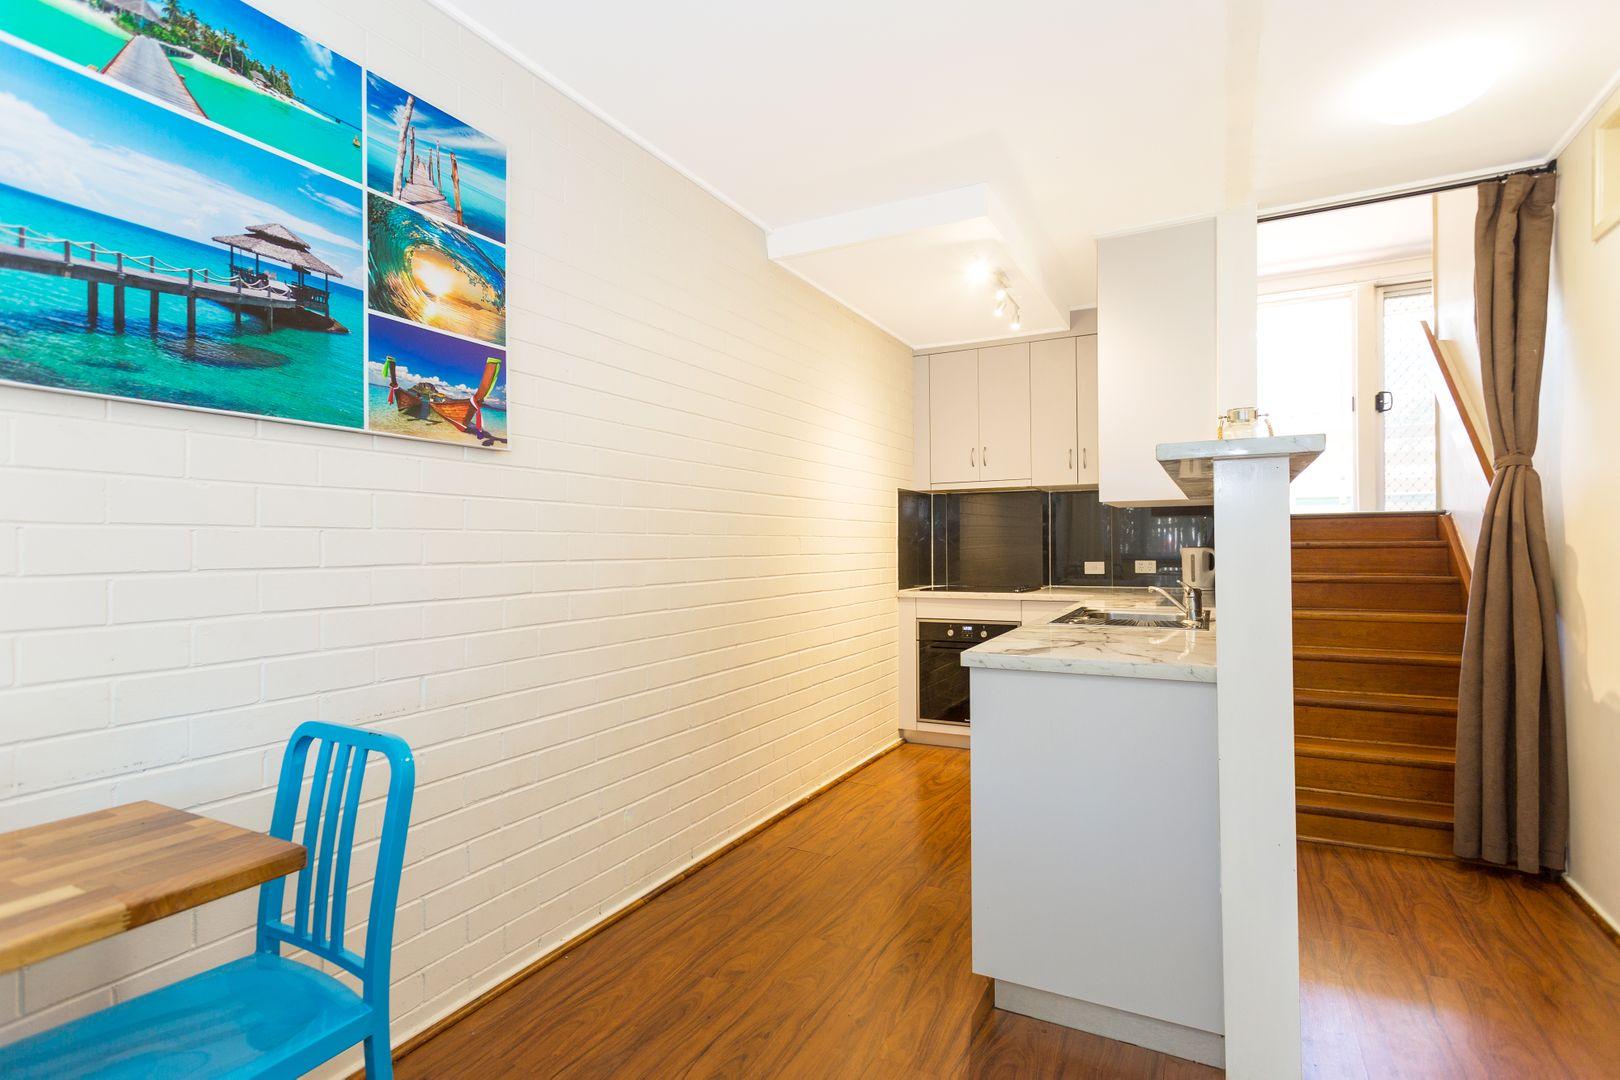 2/82 Evan Street, Mackay QLD 4740, Image 0